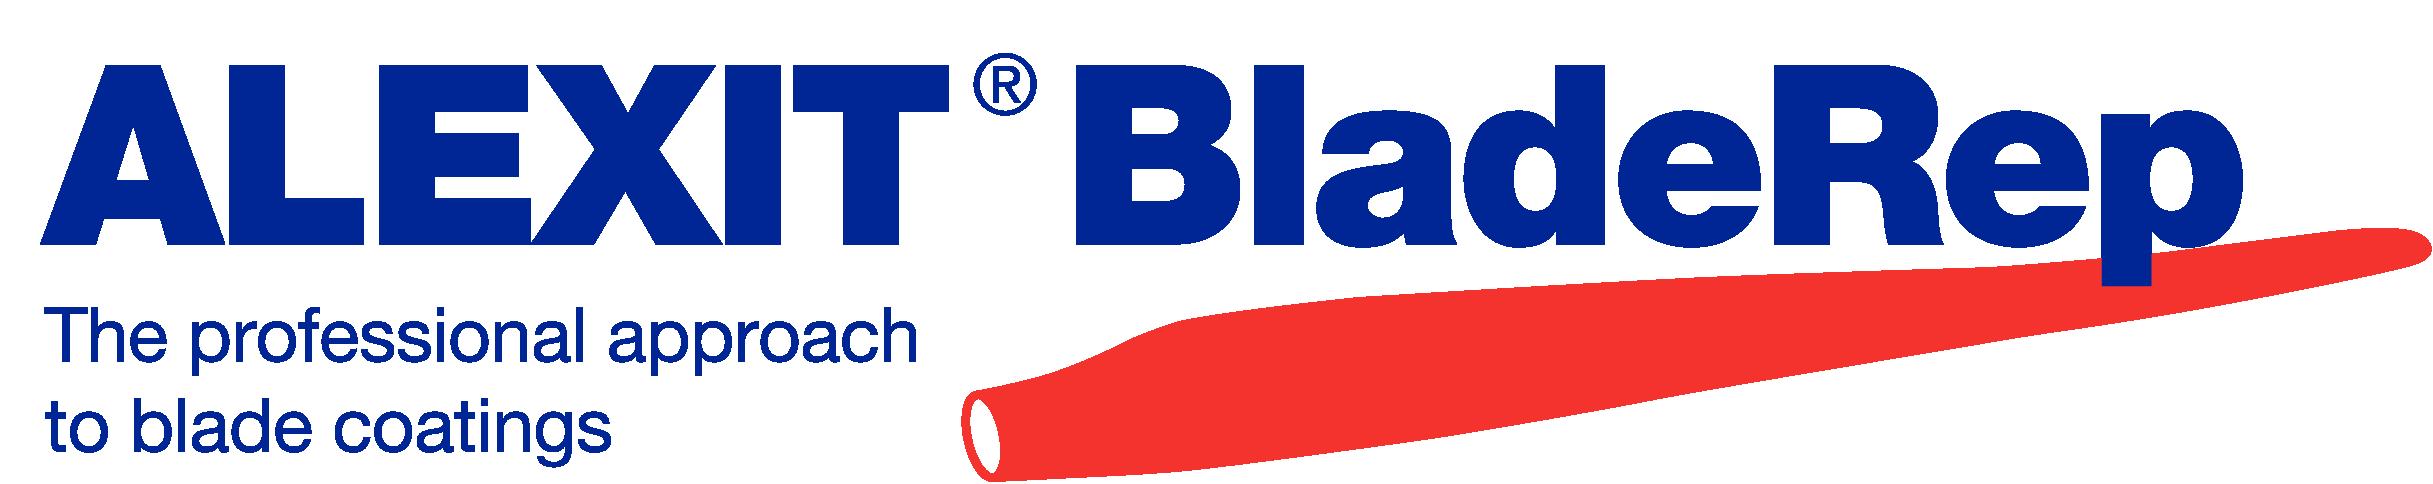 ALEXIT Bladerep